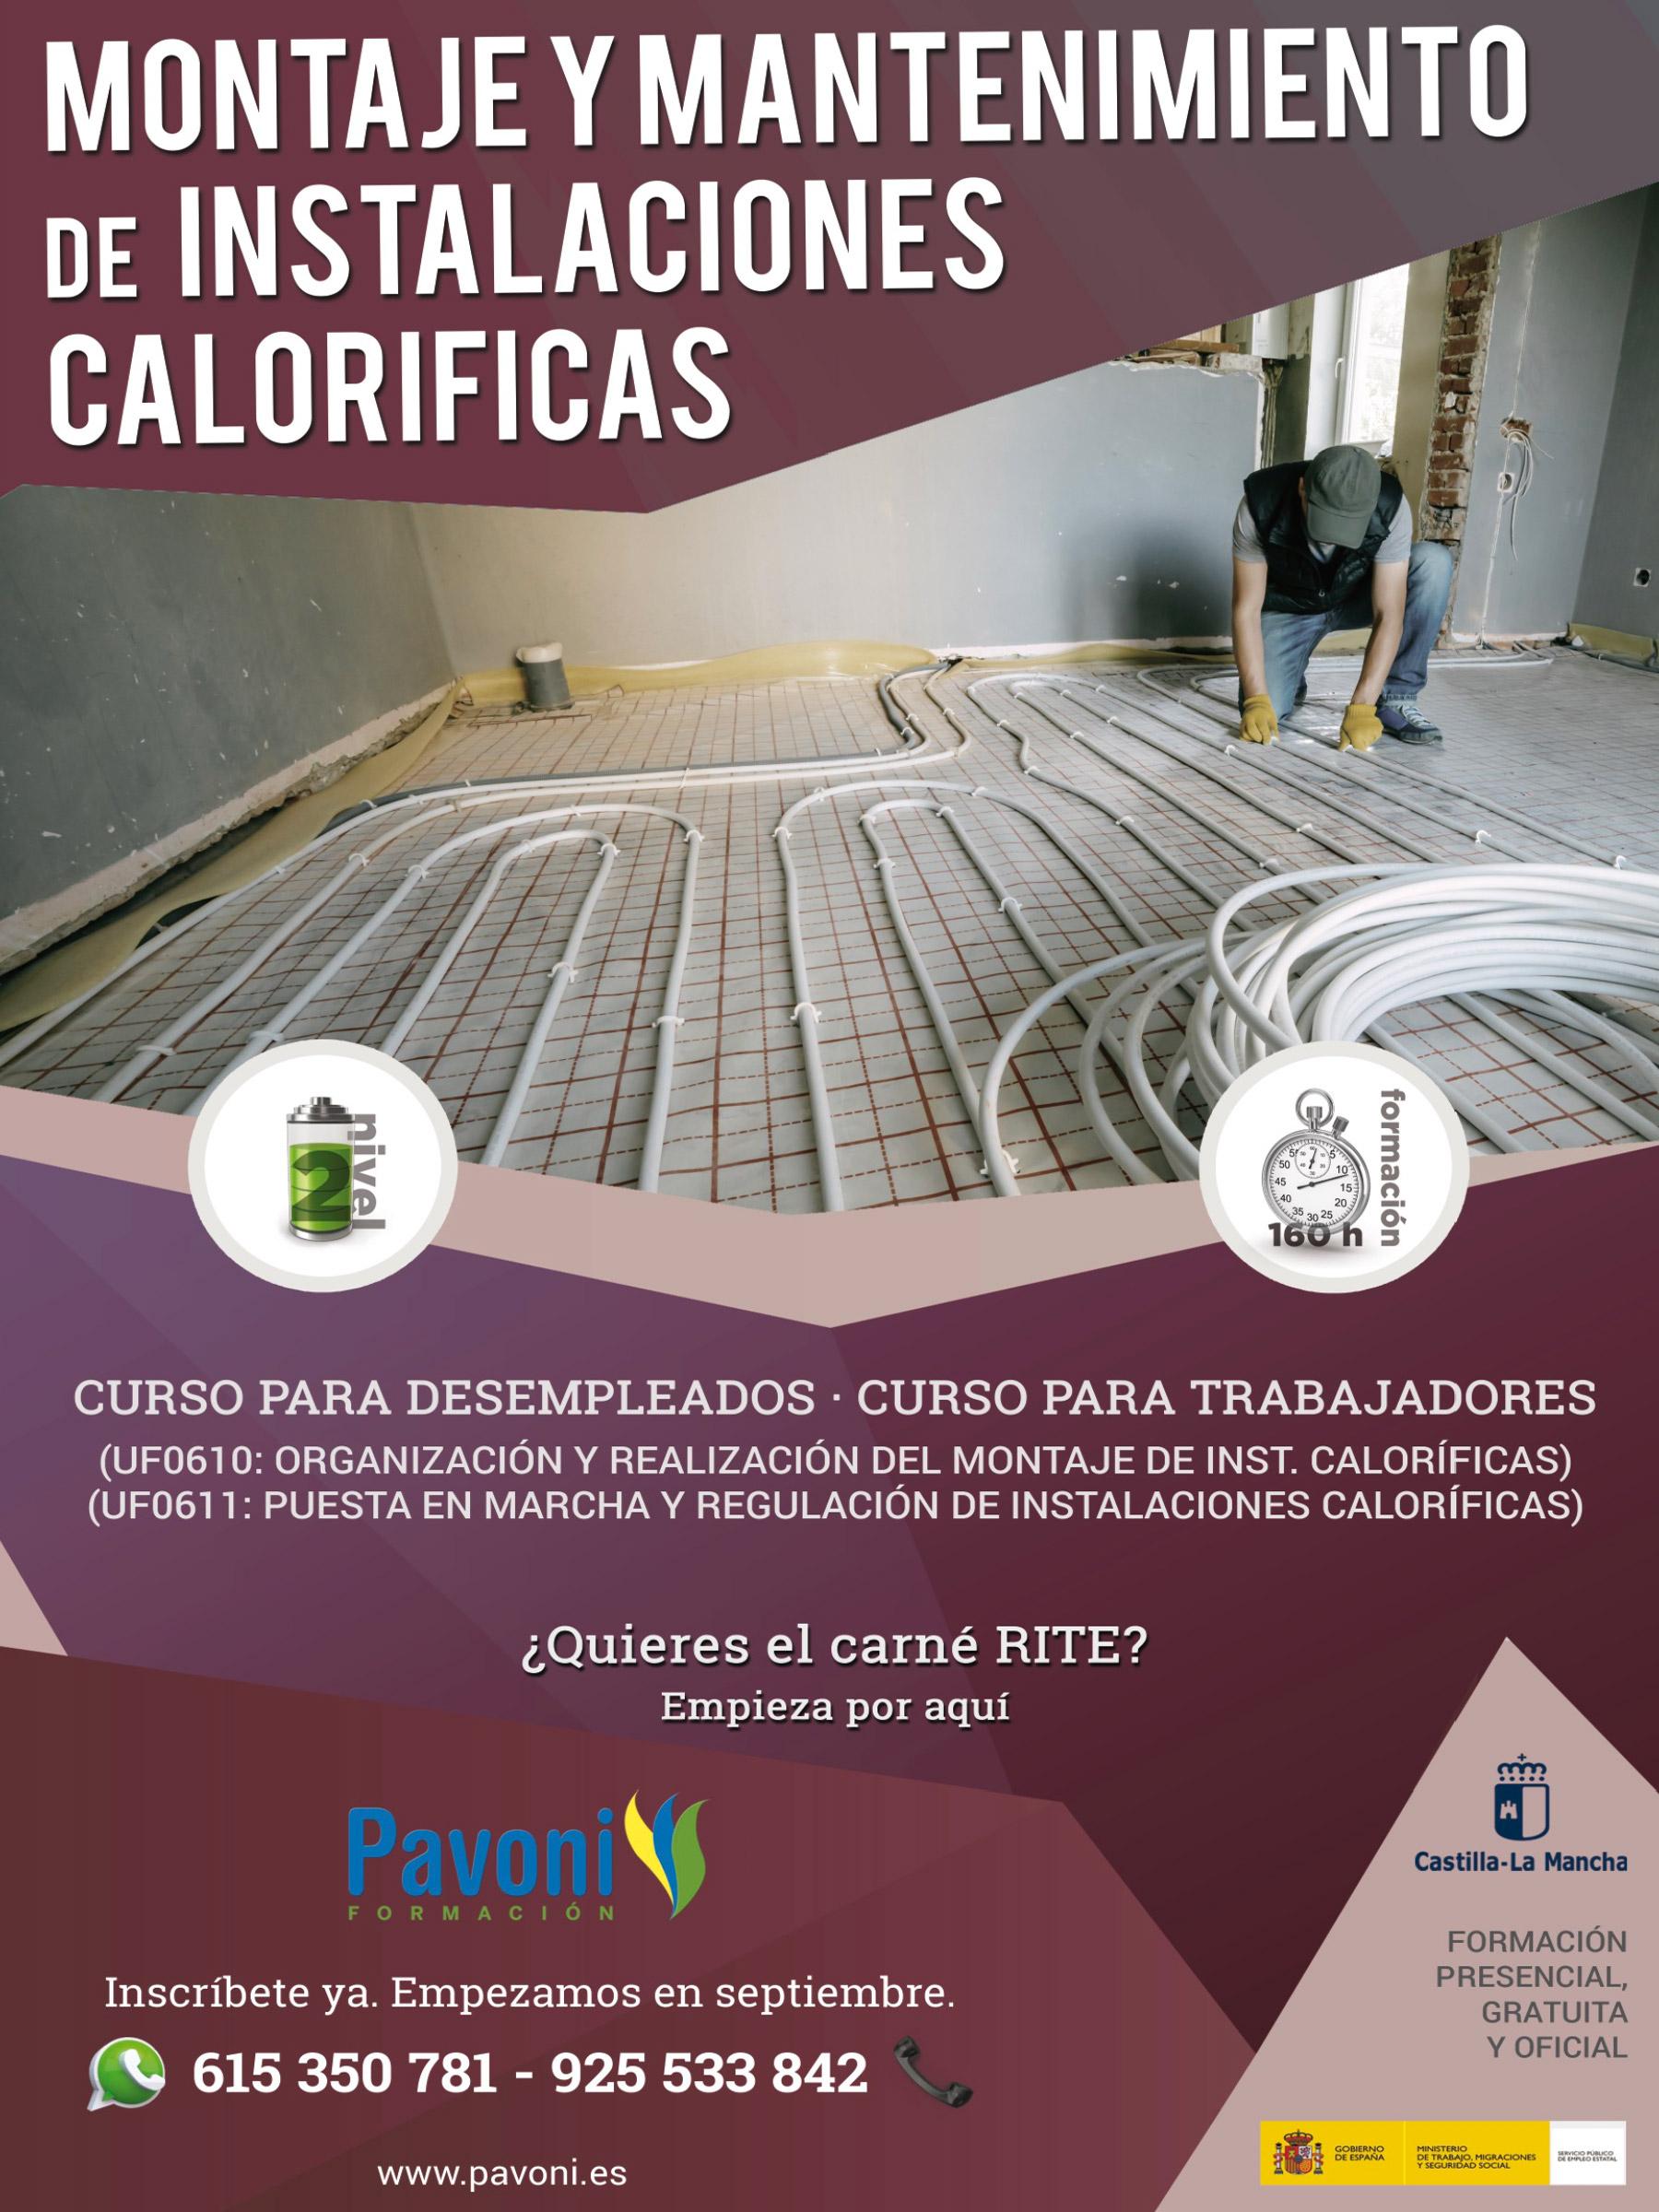 Curso de montaje y mantenimiento de instalaciones caloríficas